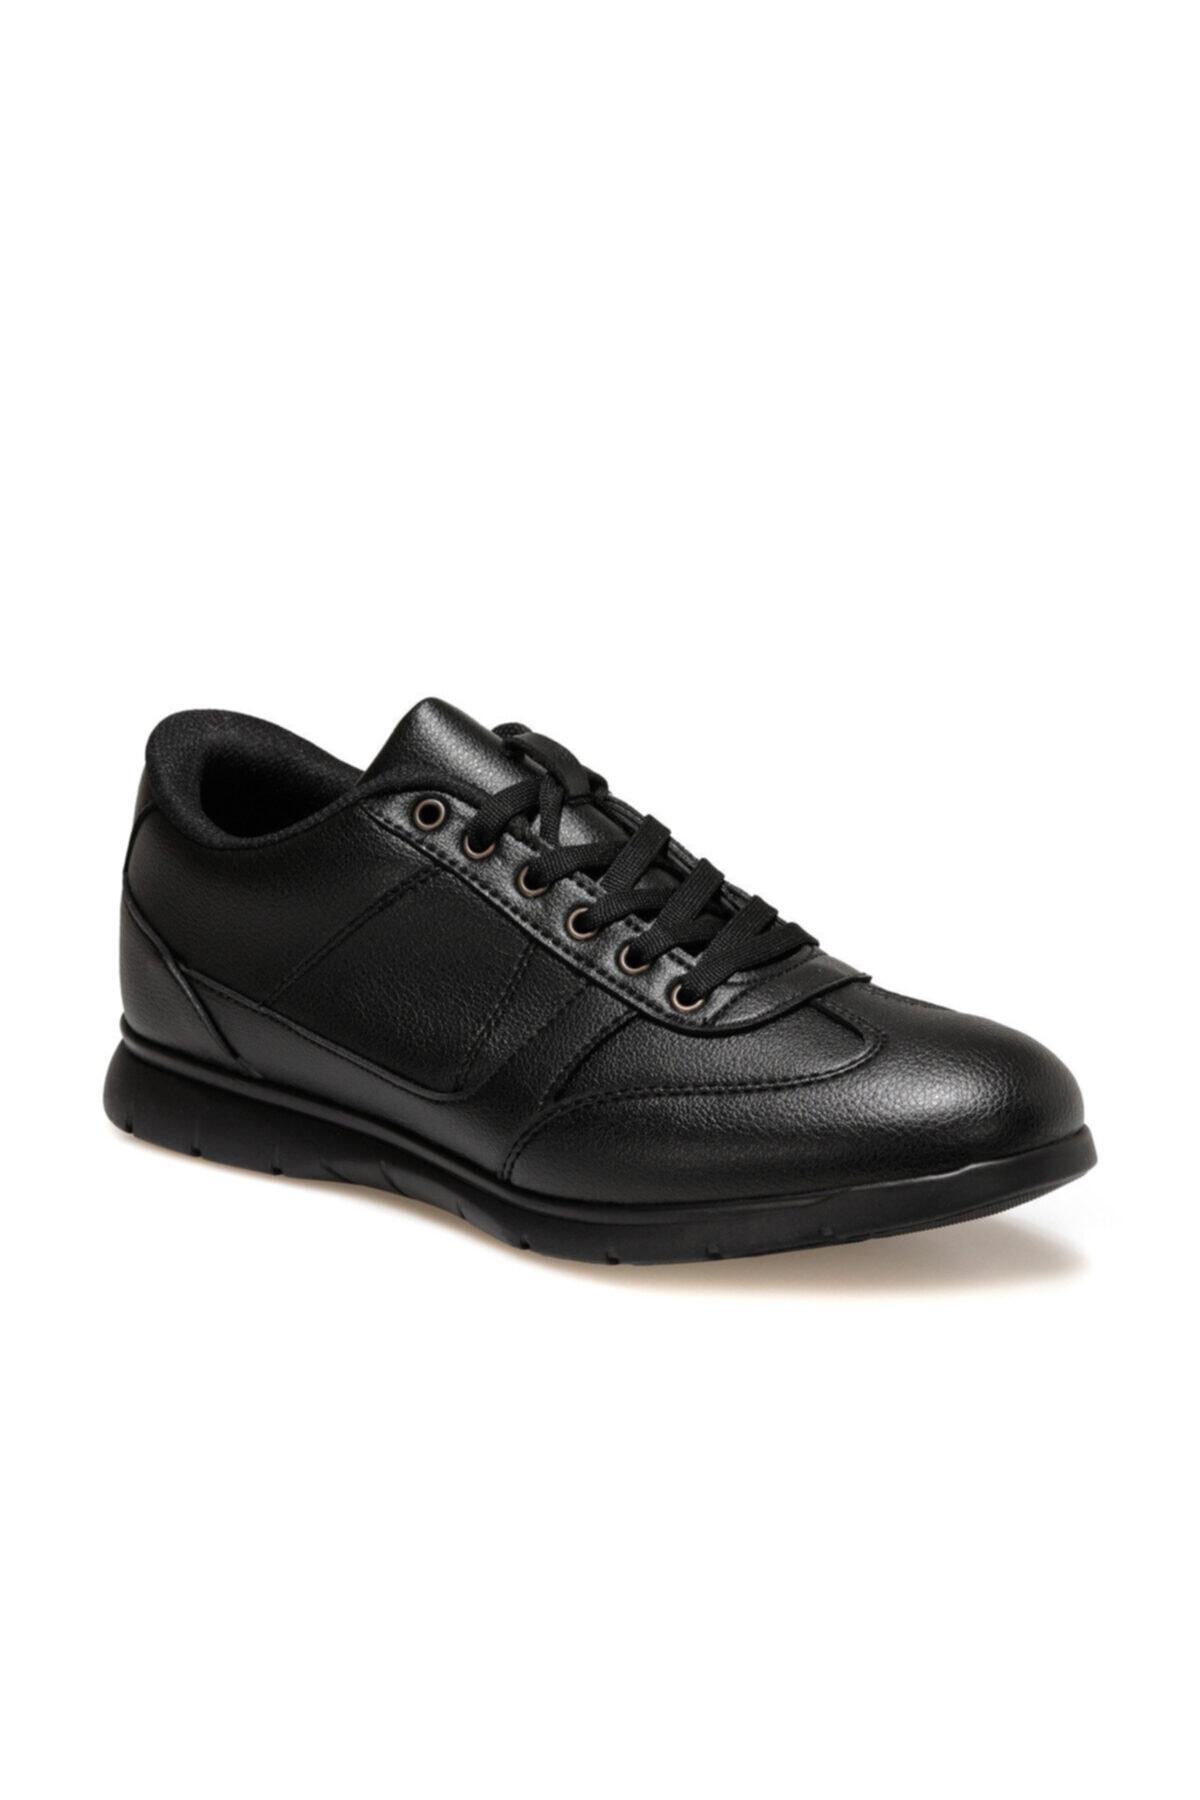 OXIDE GBS55 Siyah Erkek Günlük Ayakkabı 100573531 1